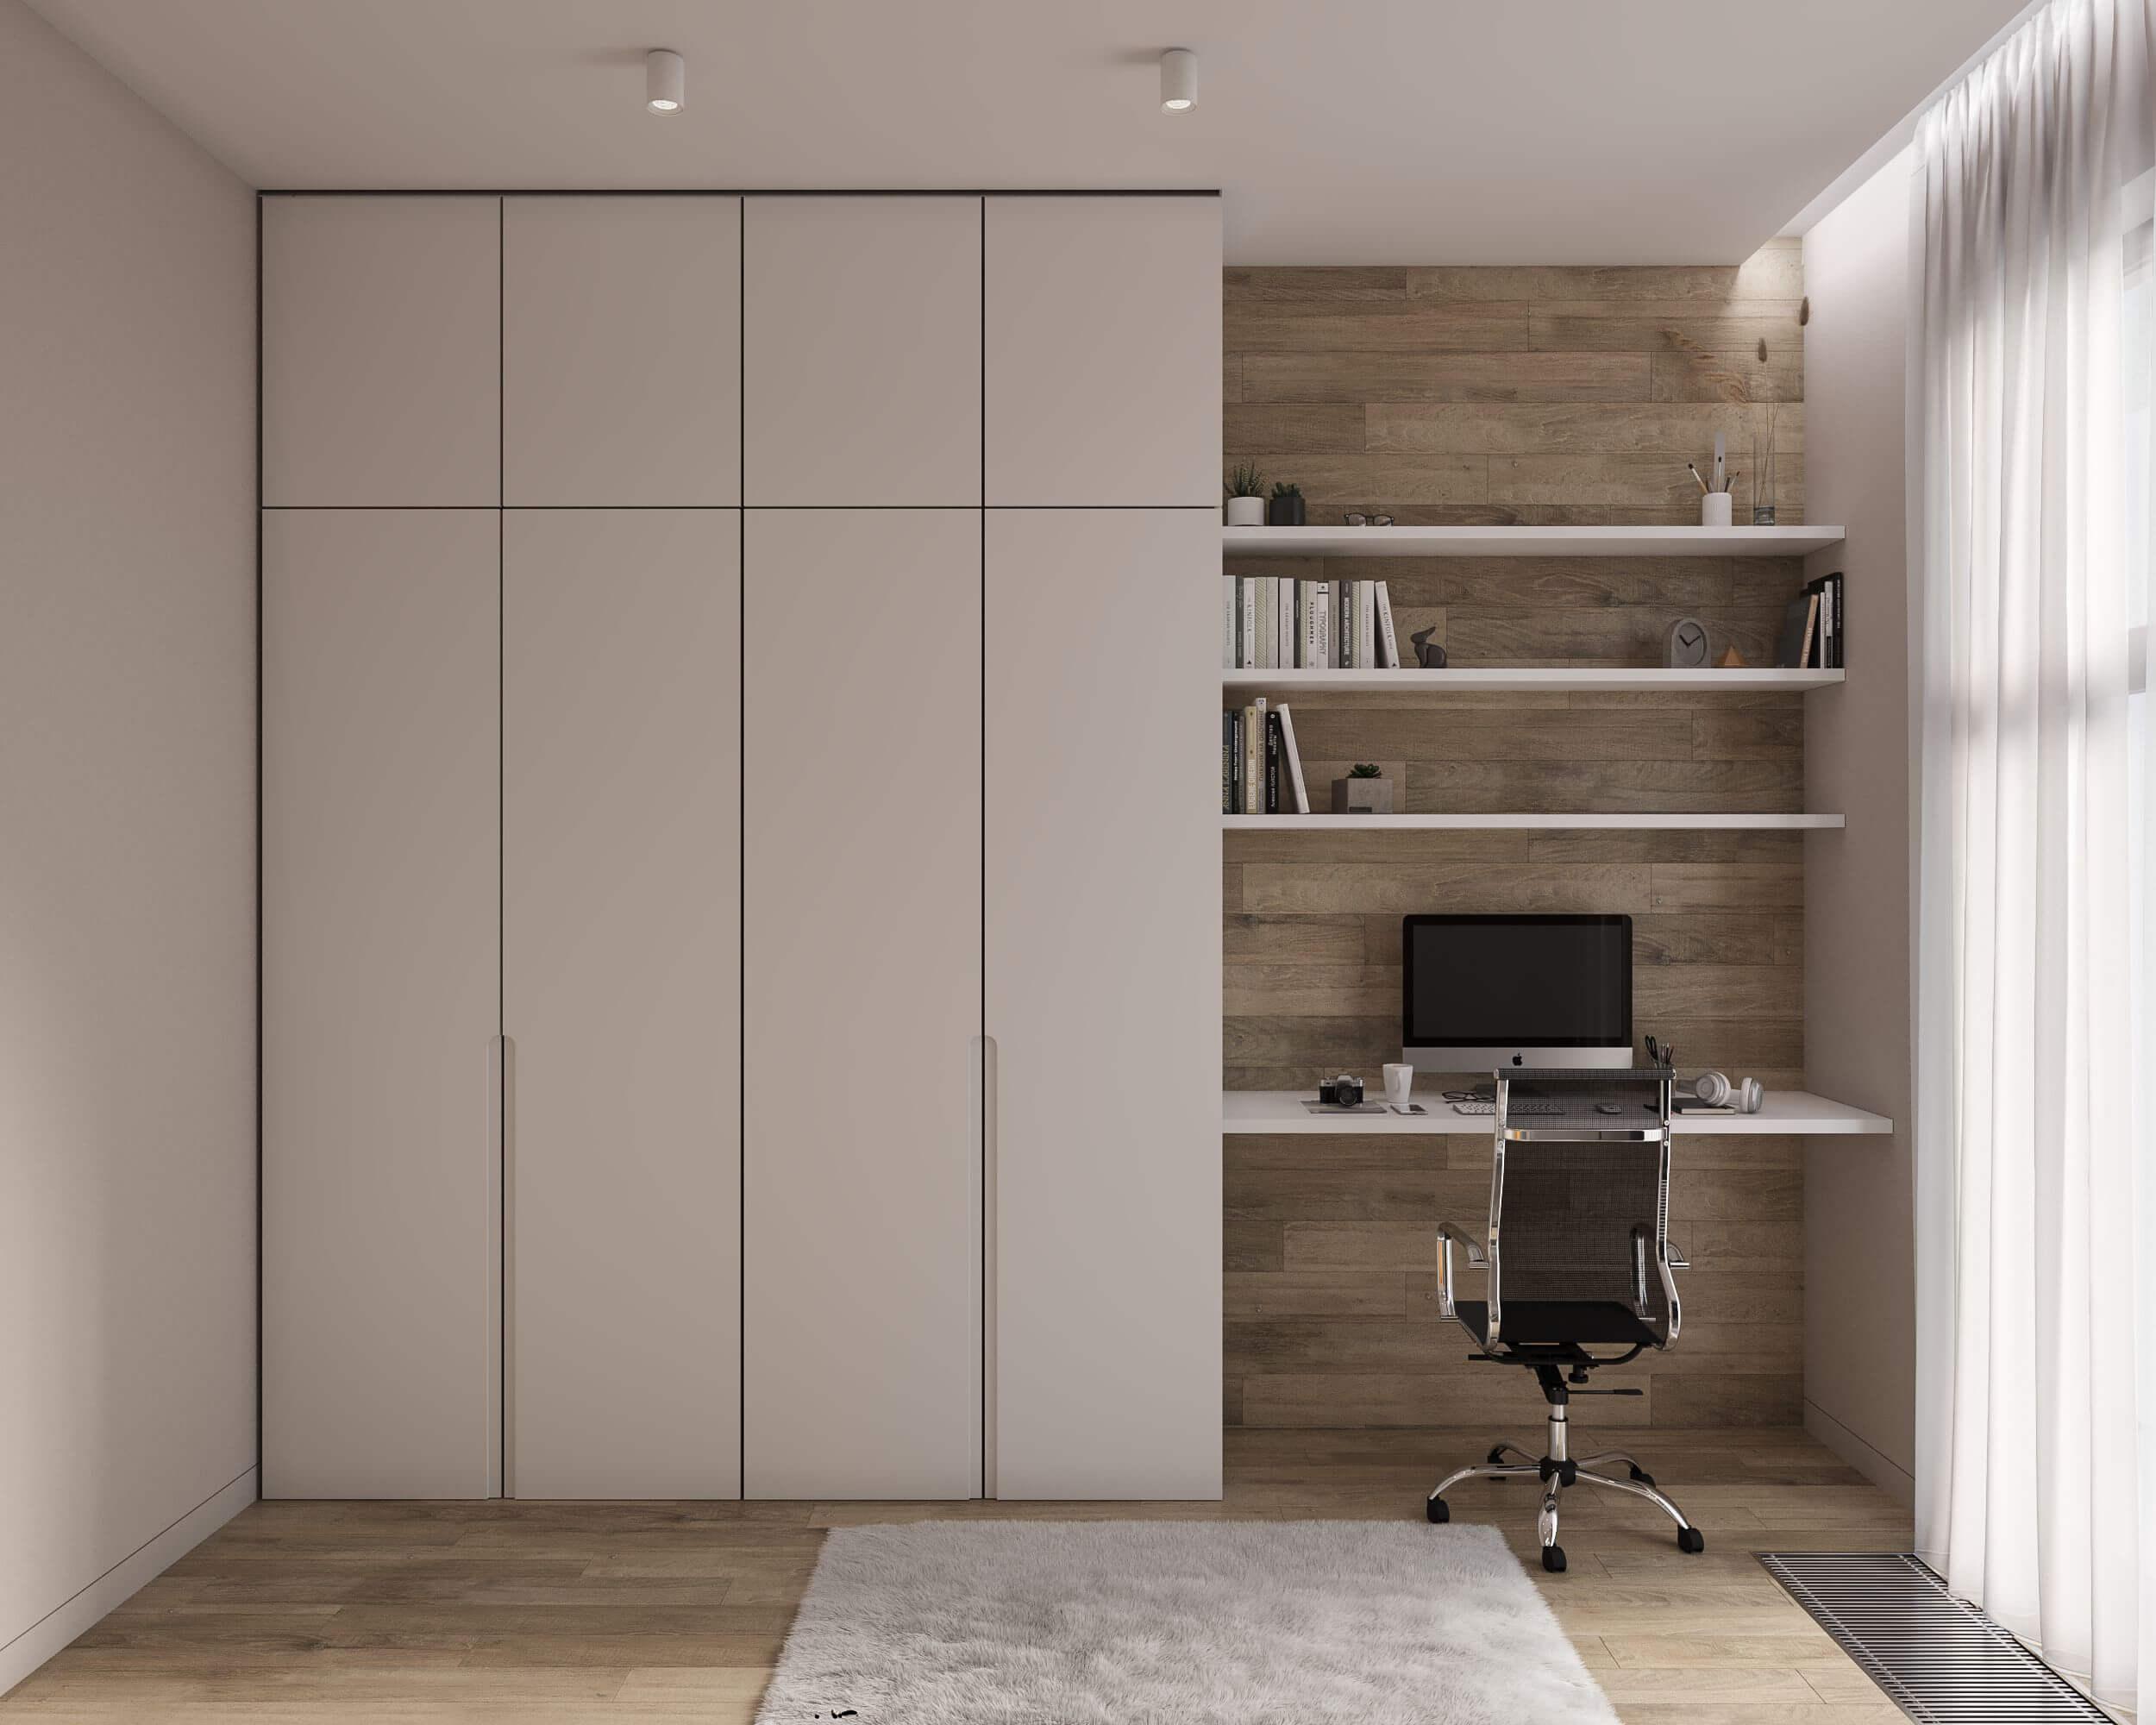 Дизайн гостевой спальни. Рабочая зона. Шкаф. Вид 2.